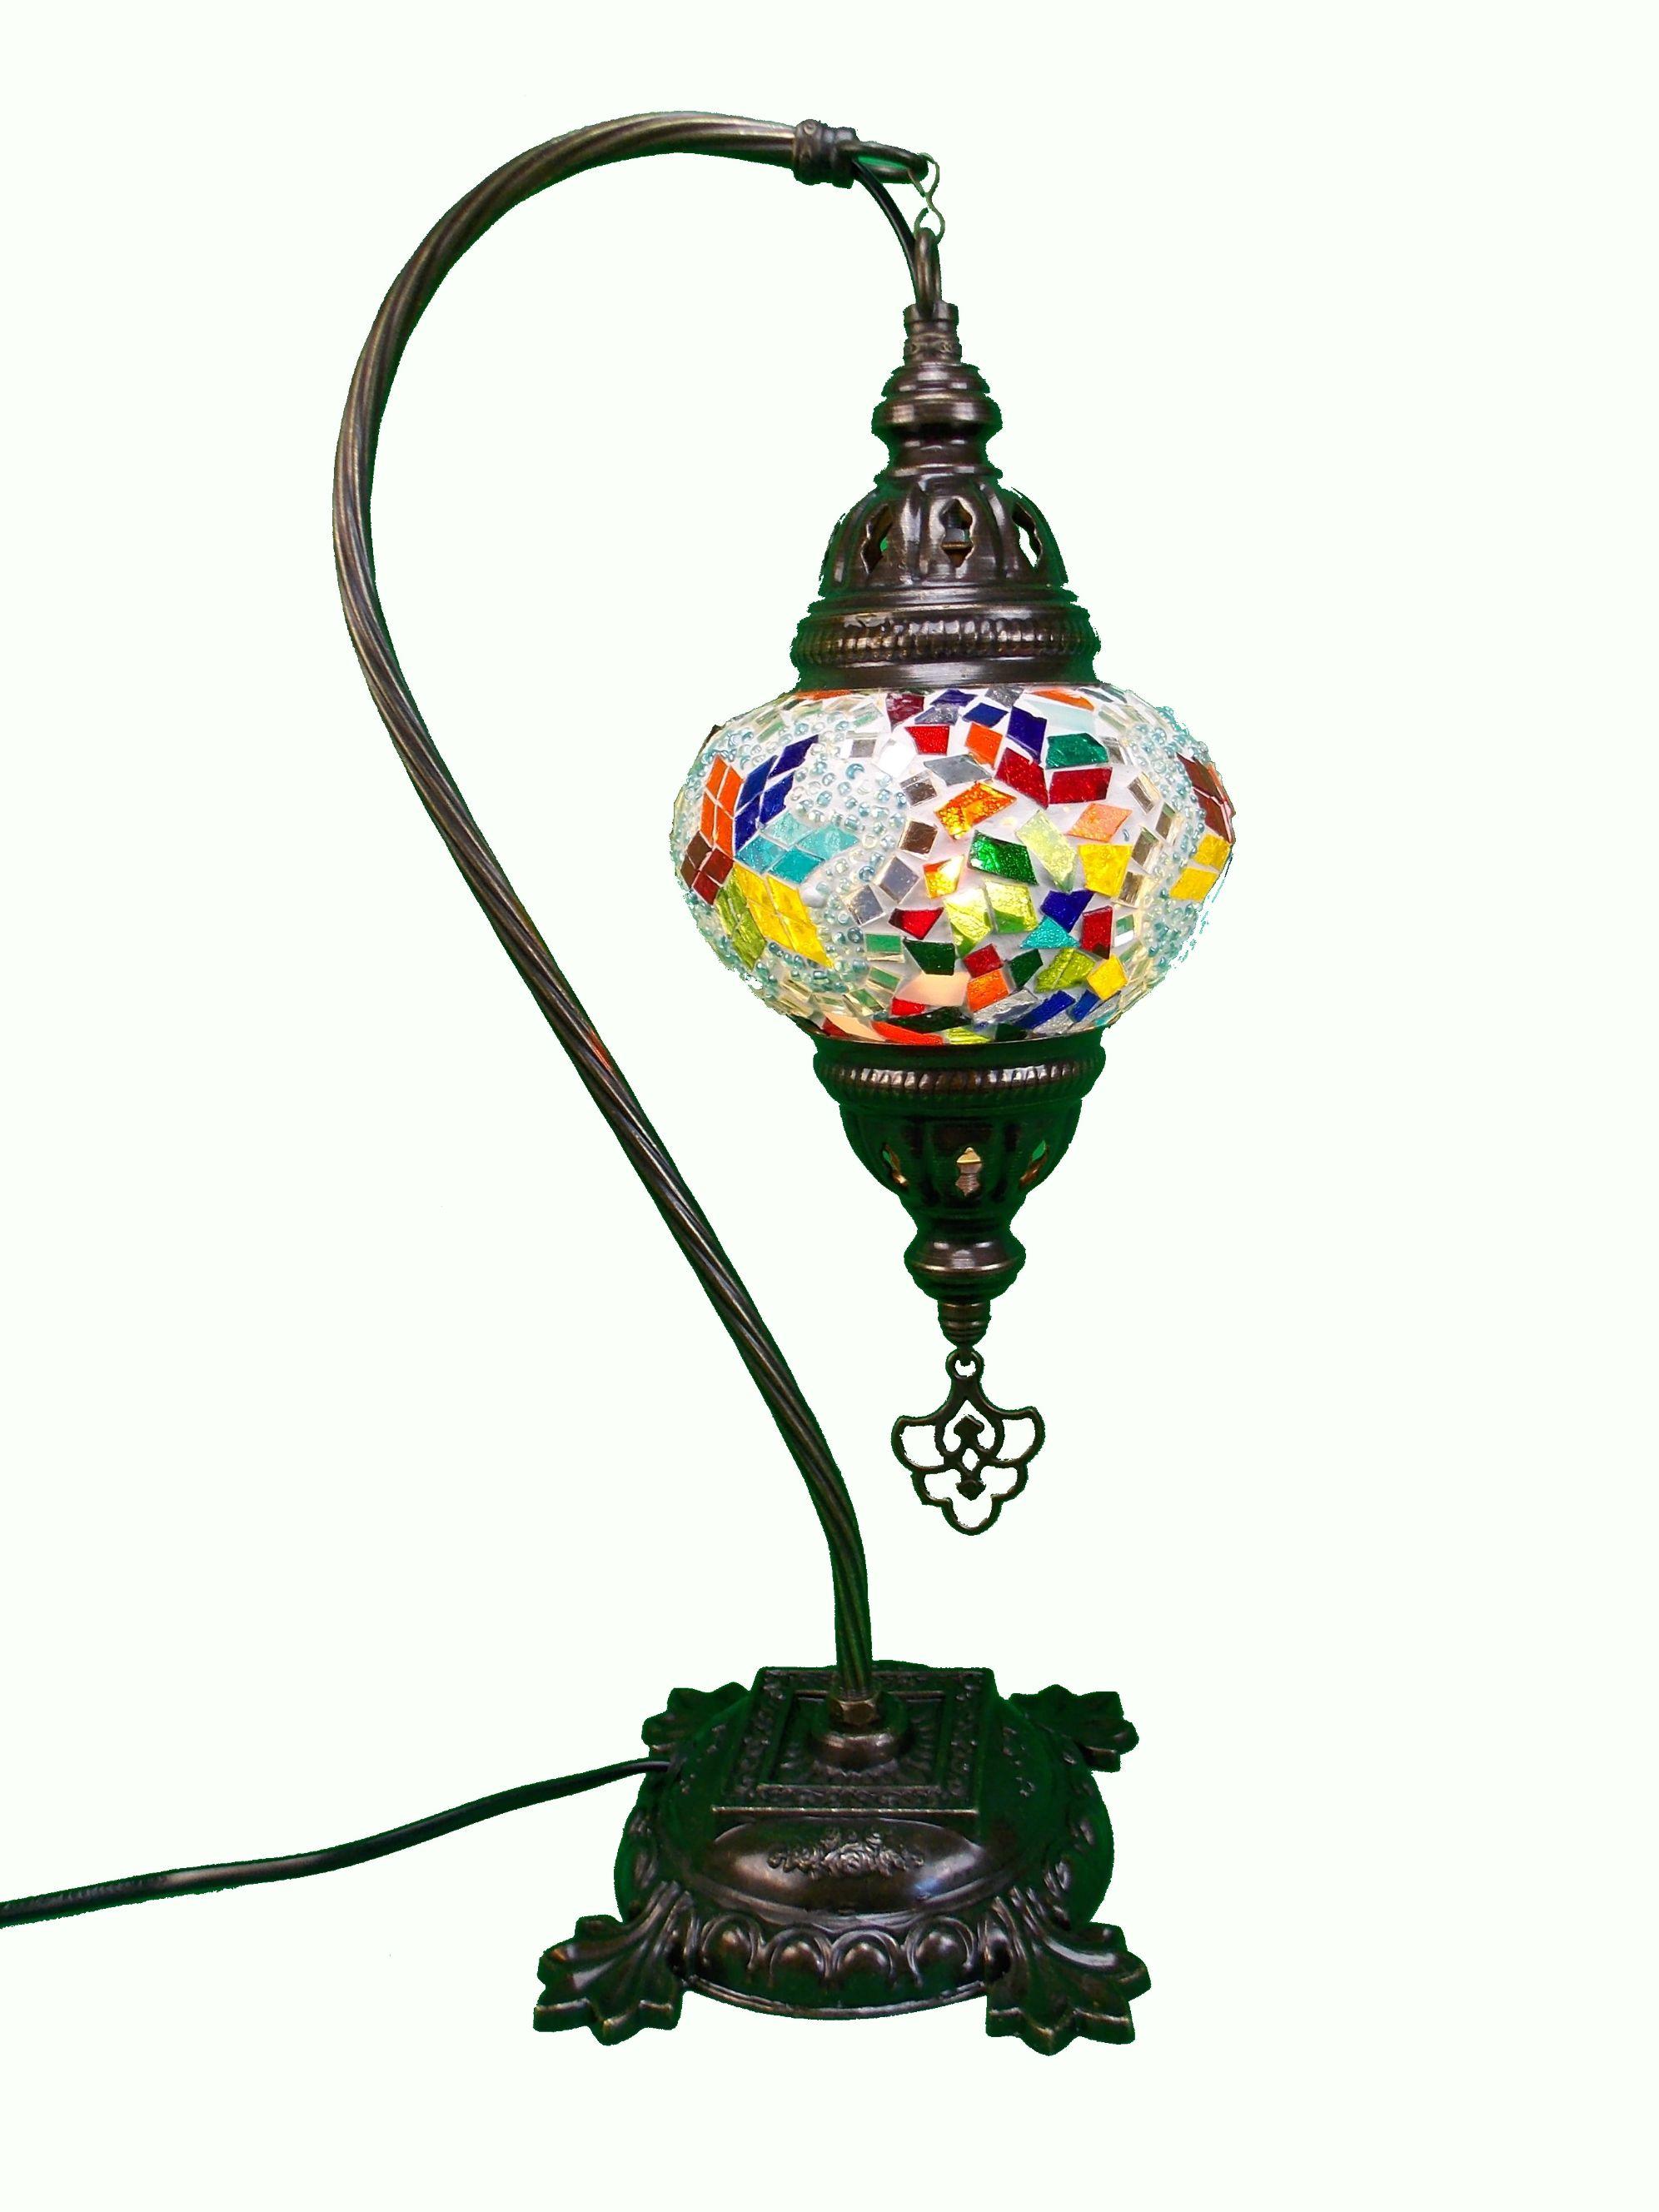 Veioza  mozaic turceasca -picior din metal 44cm,glob din sticla cudiametrul 13cm